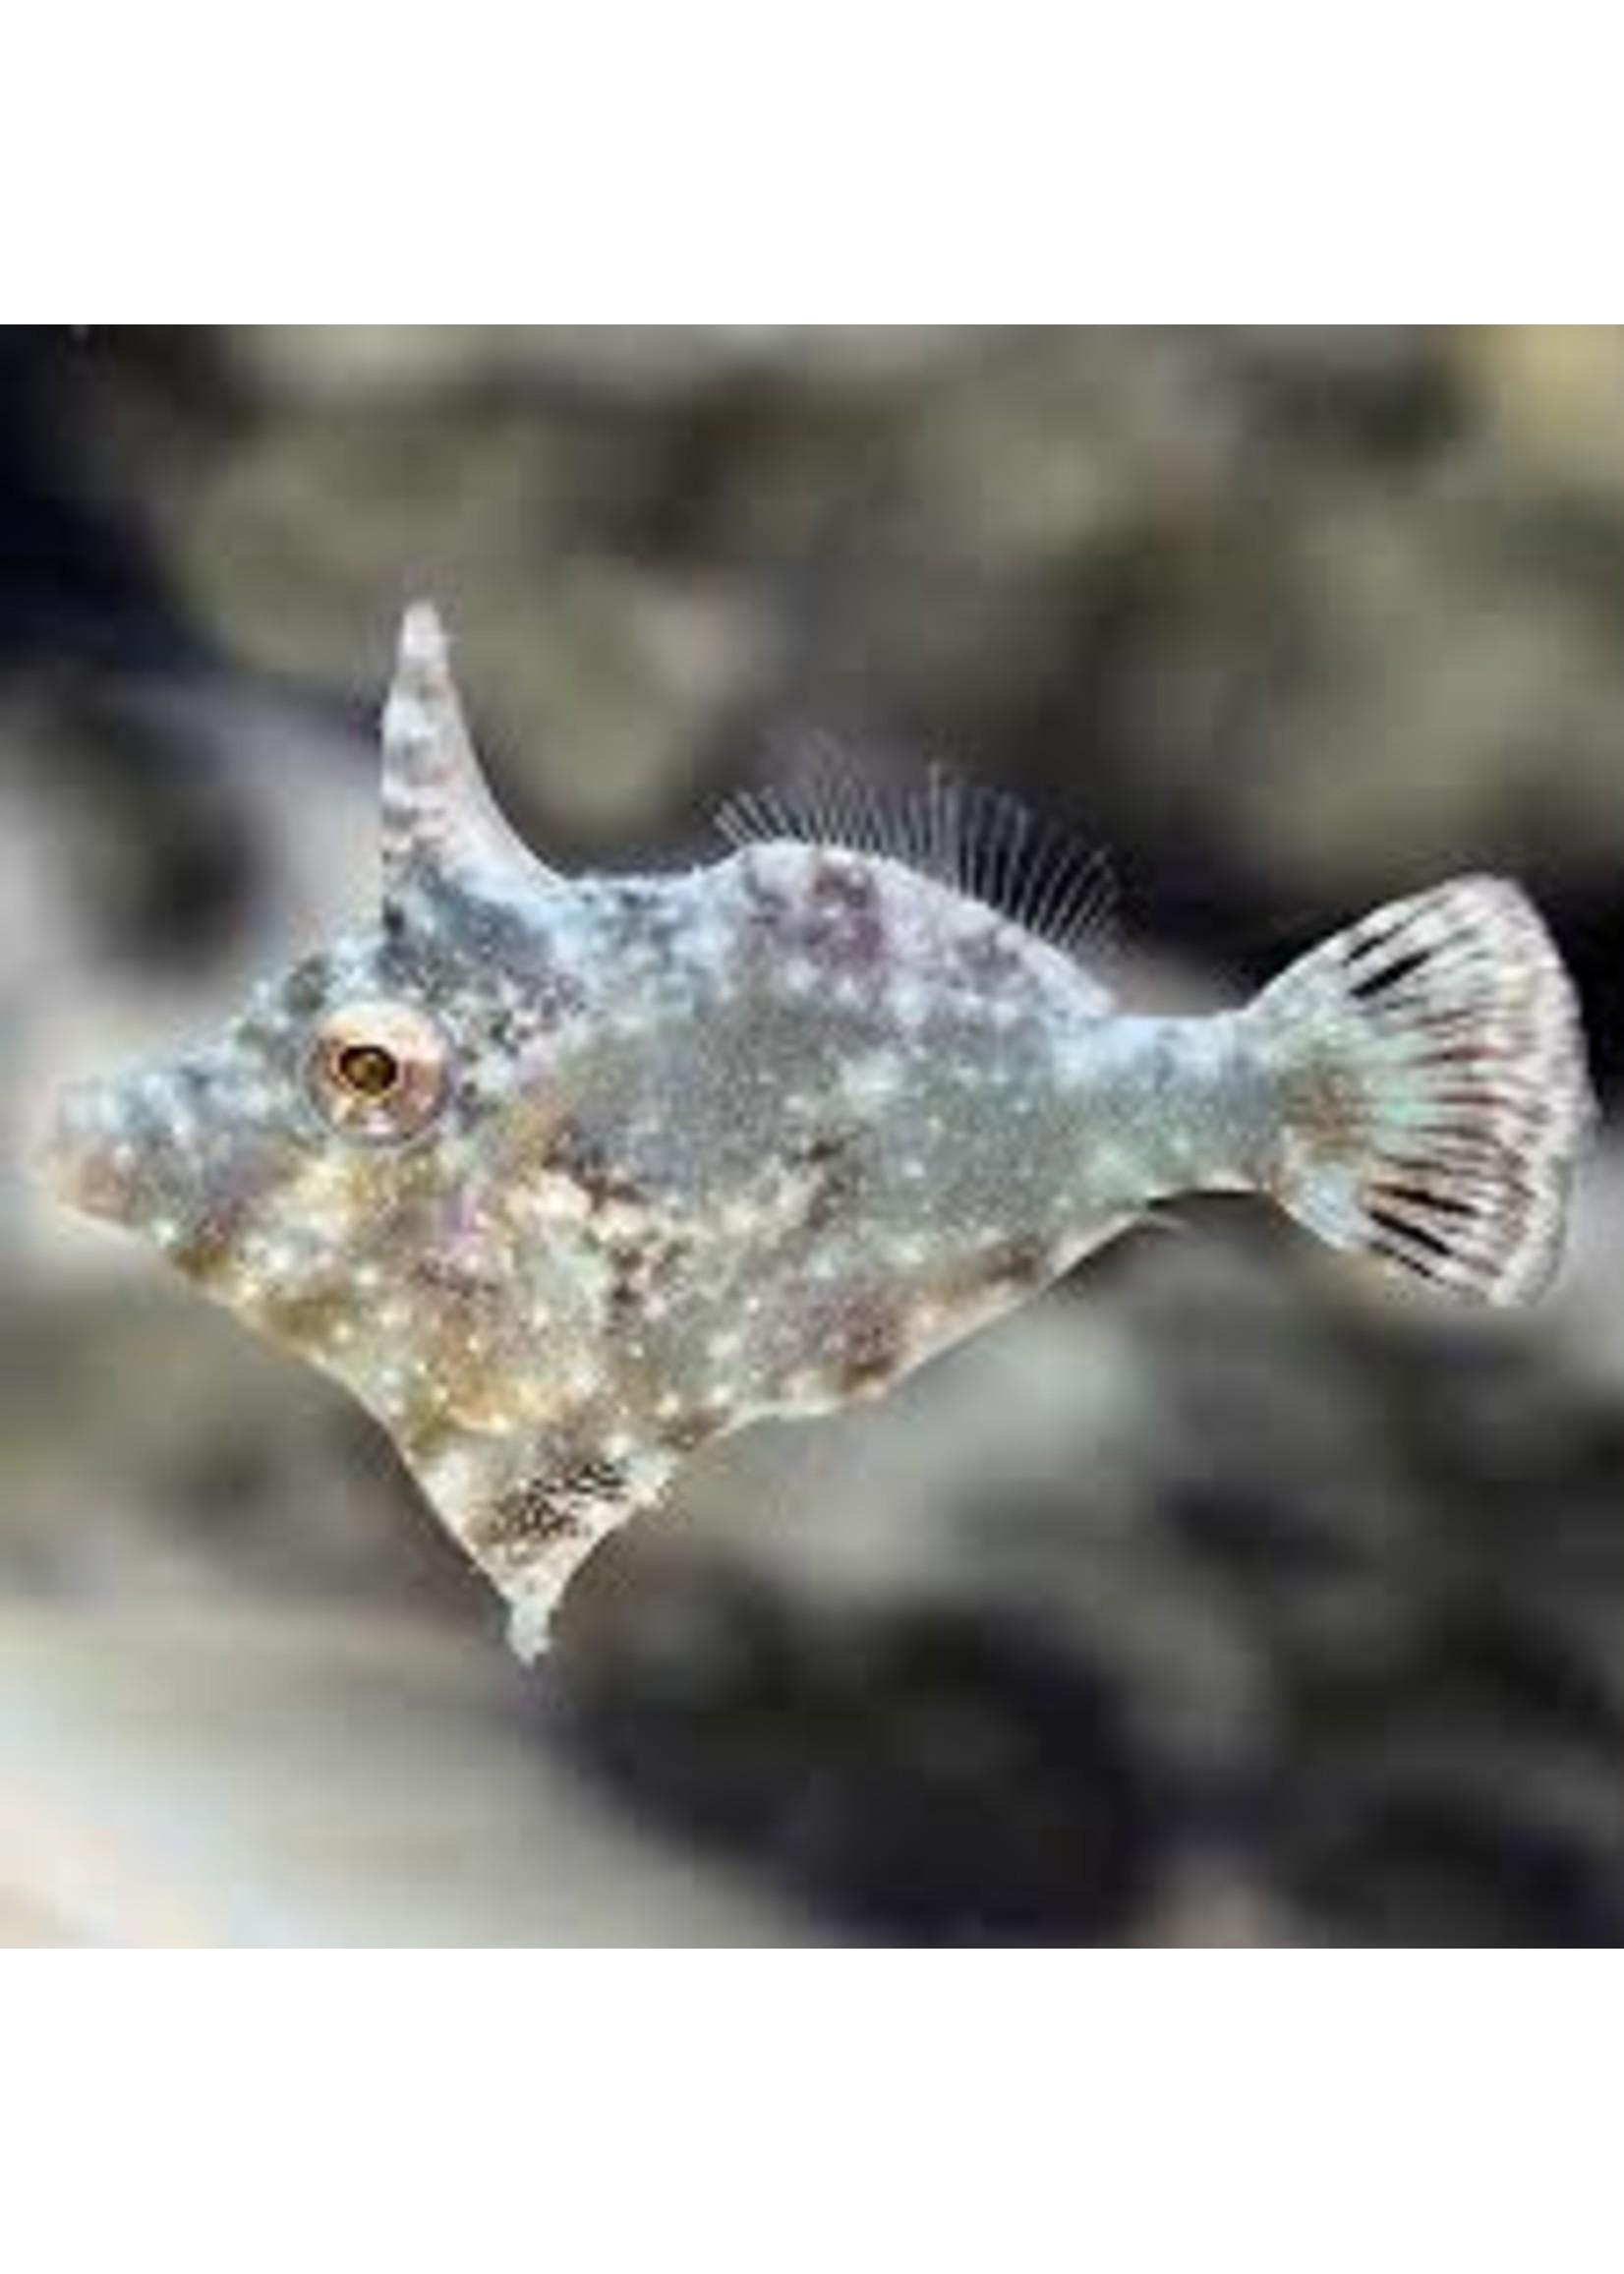 File Fish Apitasia Eating File Fish